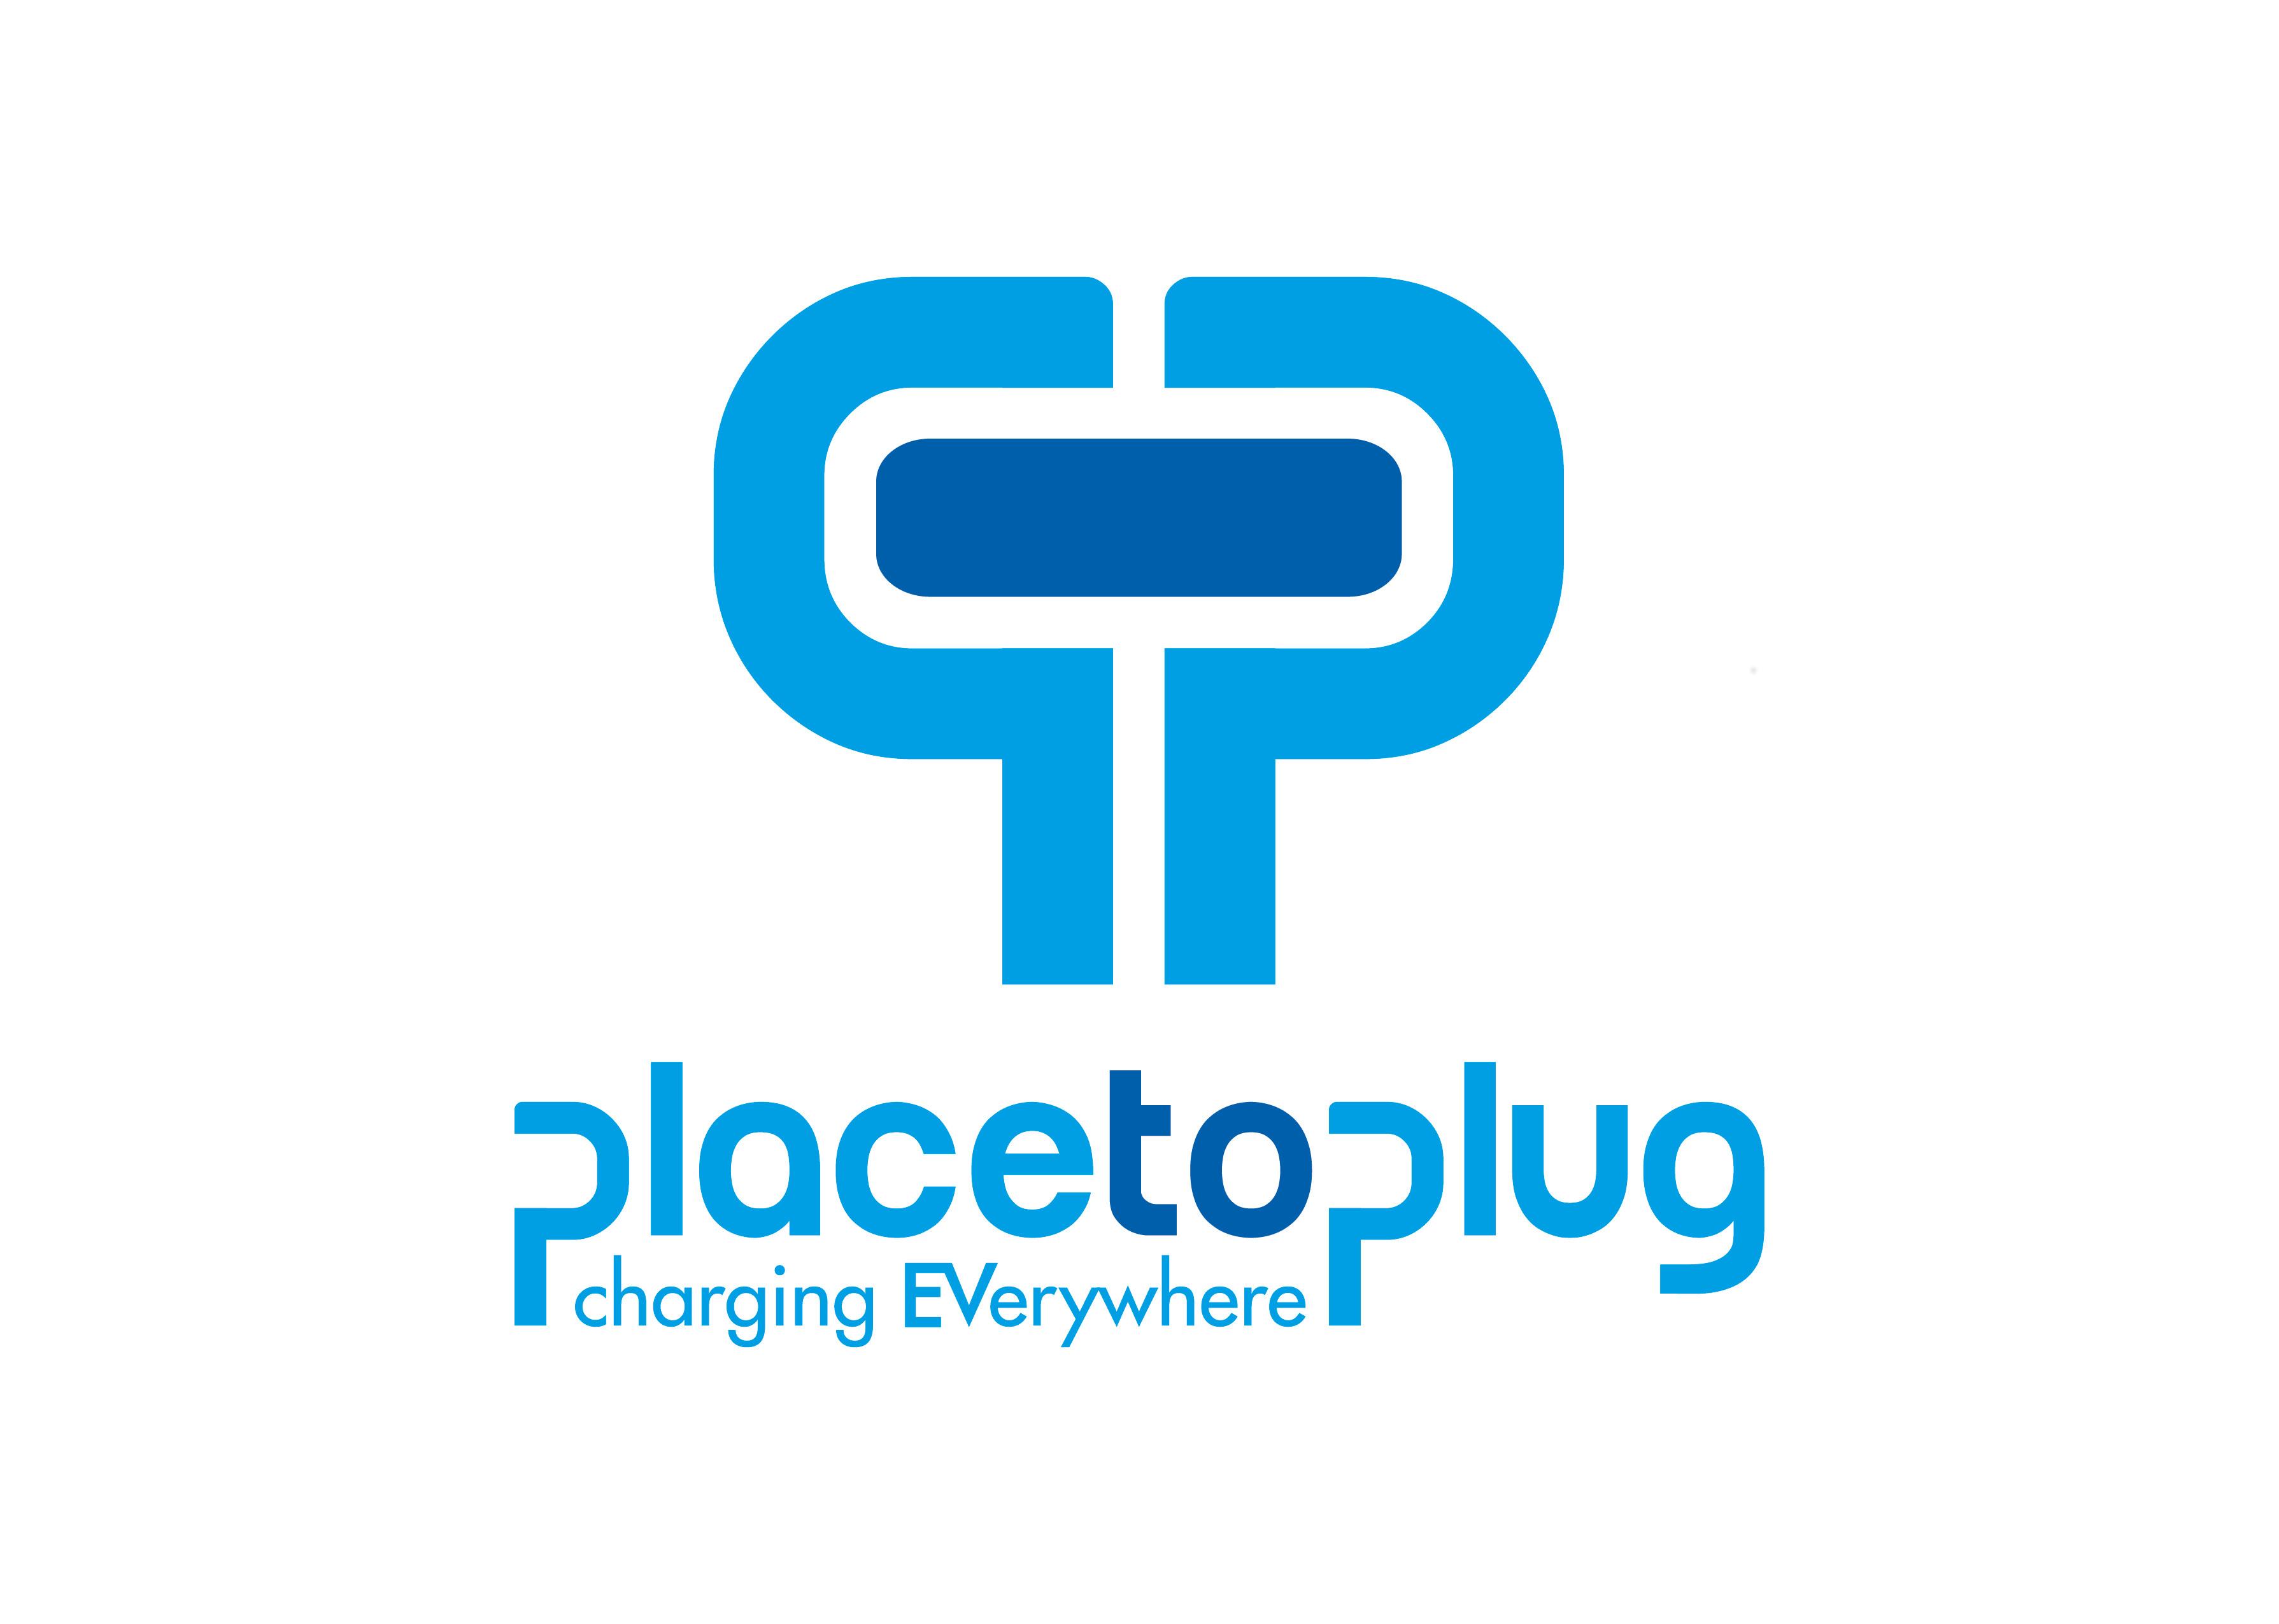 Place to Plug logo